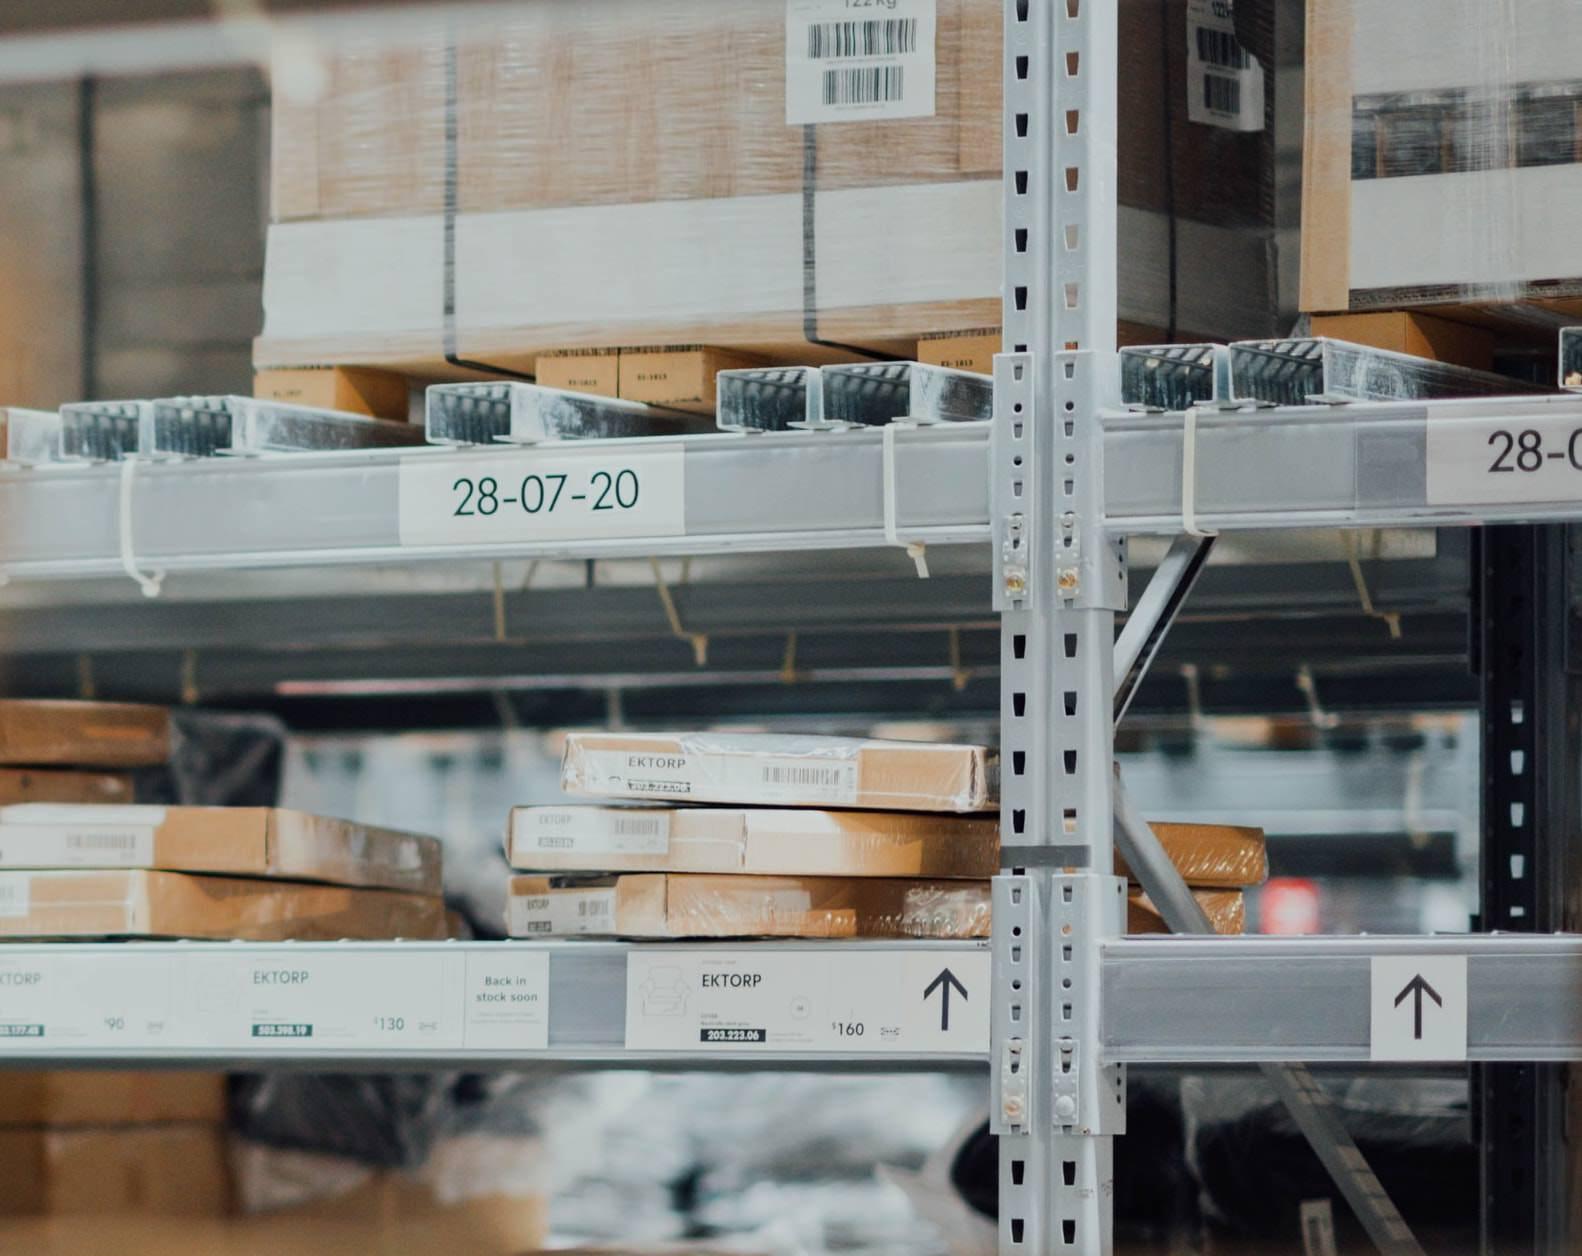 ¿Cómo importar partes o repuestos para maquinaria a Chile? | Procomex